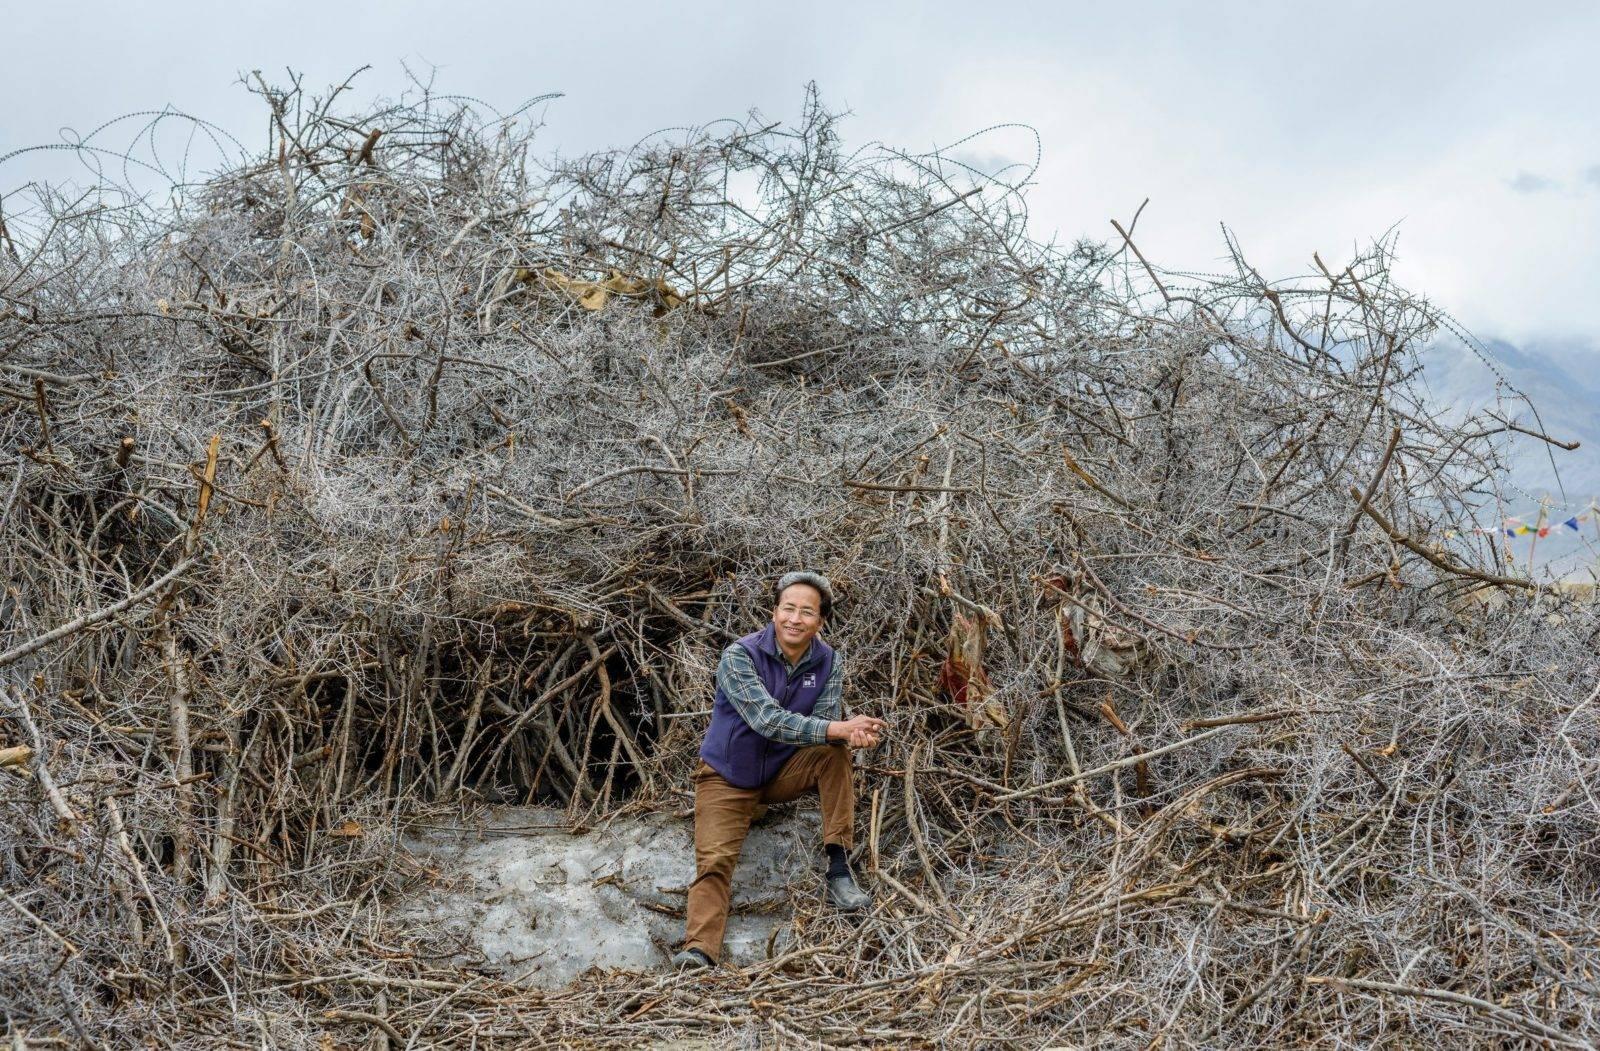 Süleyman Sönmez - Güneşin Tam İçinde buzkulesi13-e1497948062558 Tibet Çölünde Buz Kuleleri | Susuzlukla Mücadele | Ice Stupa Bilim ve Teknoloji Günlük Yaşam Maker / Mucit  Tibet susuzluk Su Elde Etmek Stupa Sonam Wangchuk Rolex Awards kuraklık küresel ısınma Buz Kuleleri Baraj Çöl 3 idiots